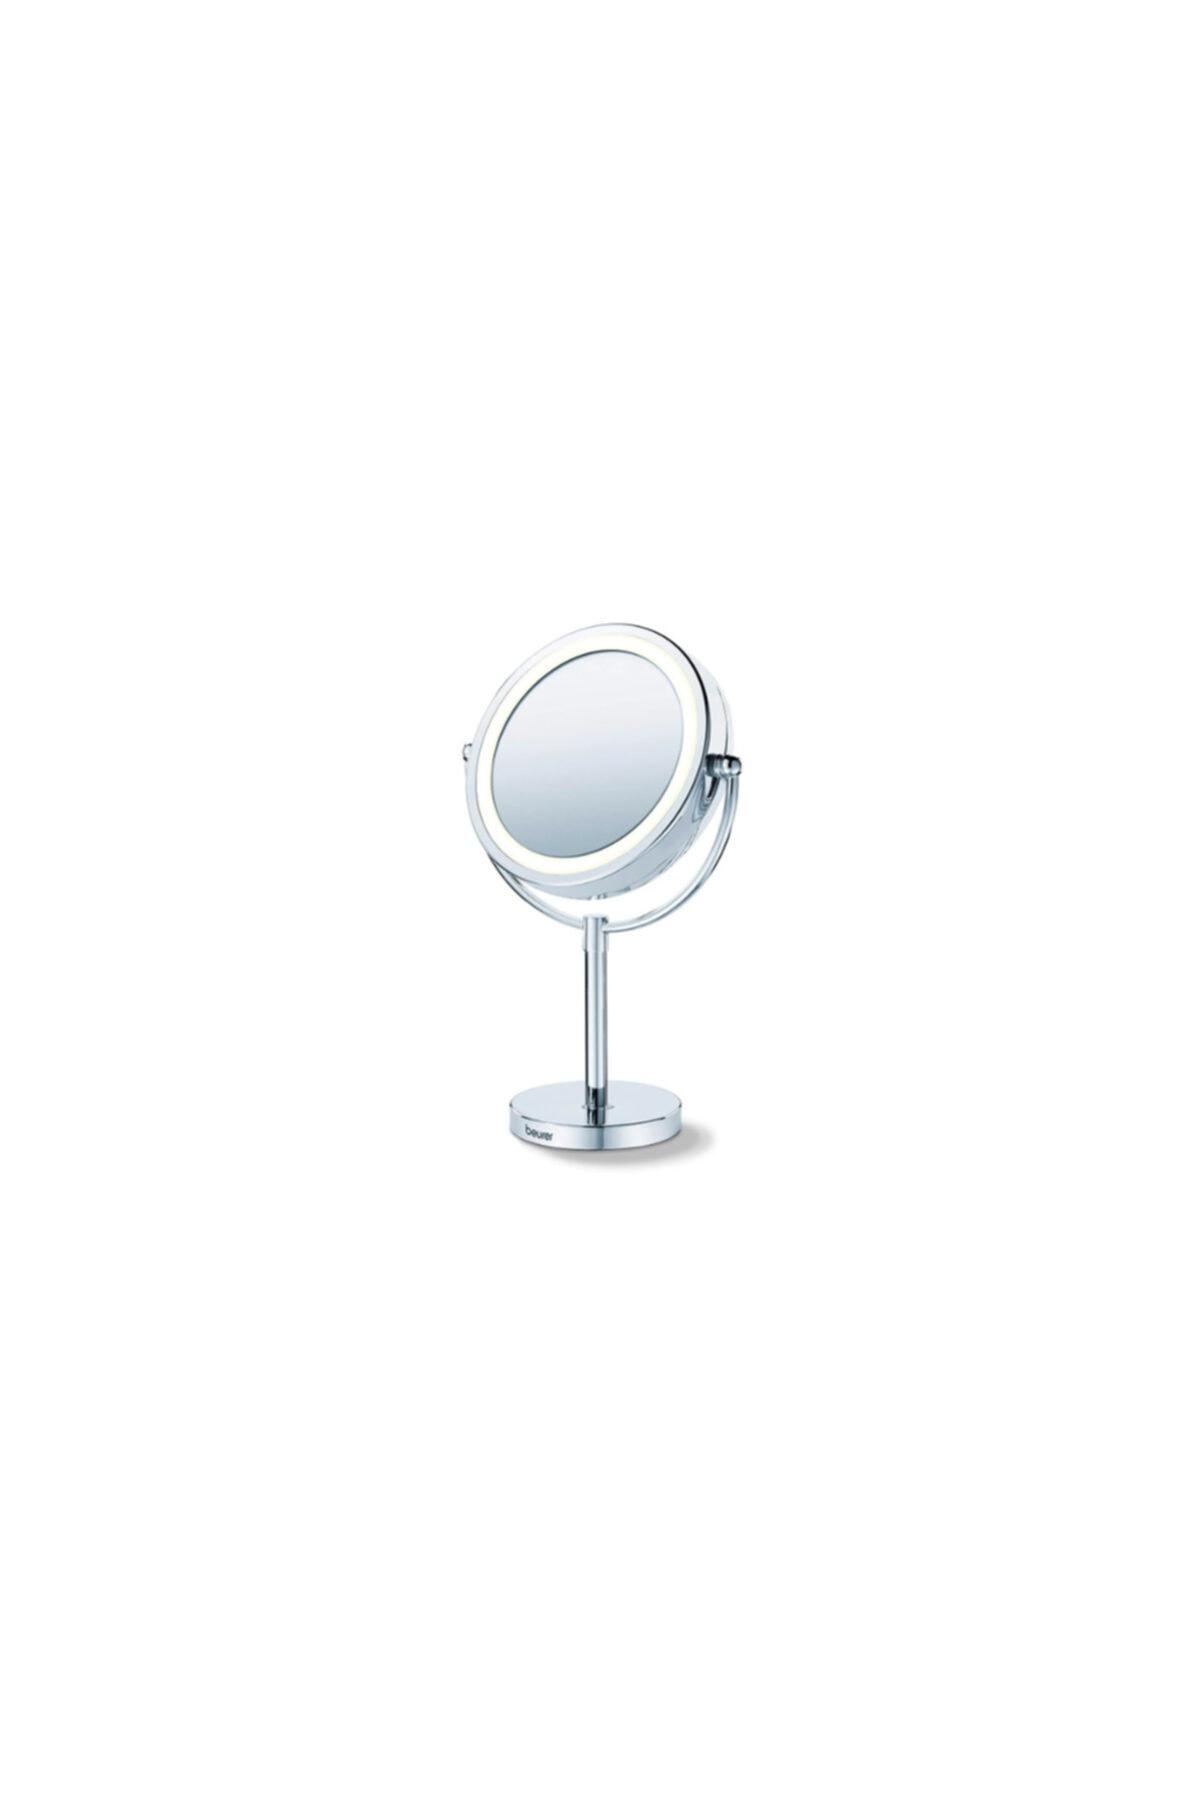 Beurer Bs 69 Işıklı Fonksiyonel Makyaj Aynası Çift Taraflı 1